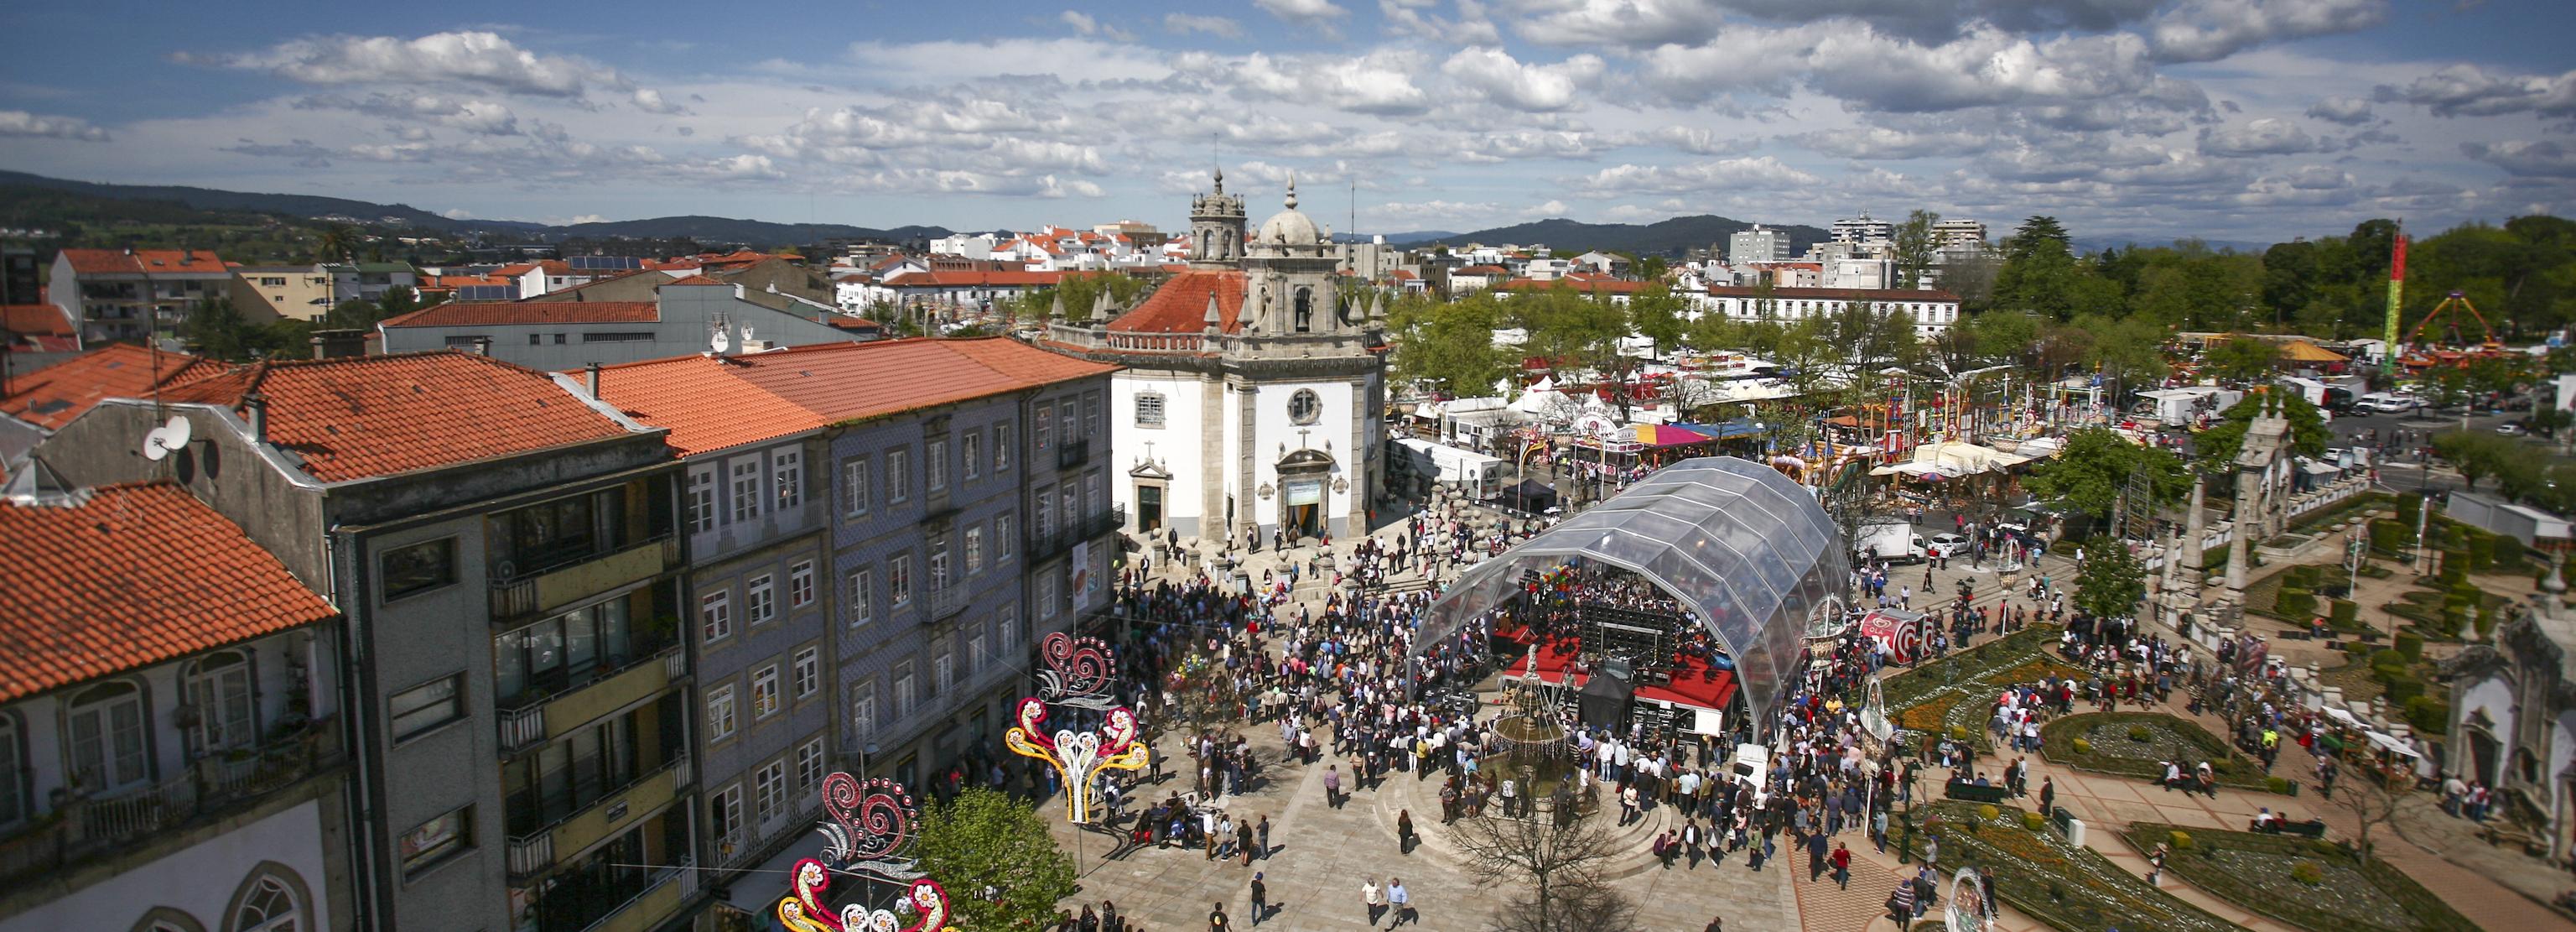 Primeiro fim de semana da Festa das Cruzes trouxe milhares de pessoas a Barcelos